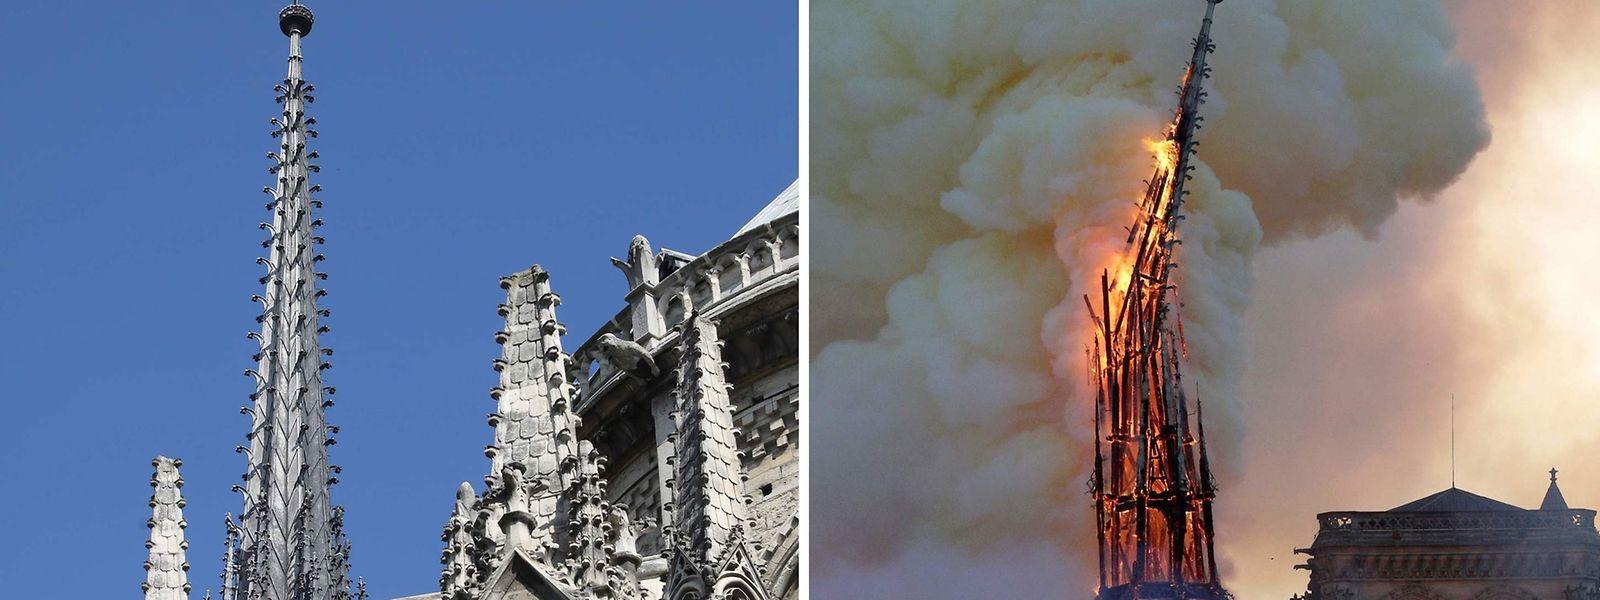 Der Spitzturm der Kathedrale auf einem Archivbild aus dem Jahr 2018 (l.) und während des verheerenden Brands am Montag. Der 93 Meter hohe Turm stürzte bei dem Feuer ein.